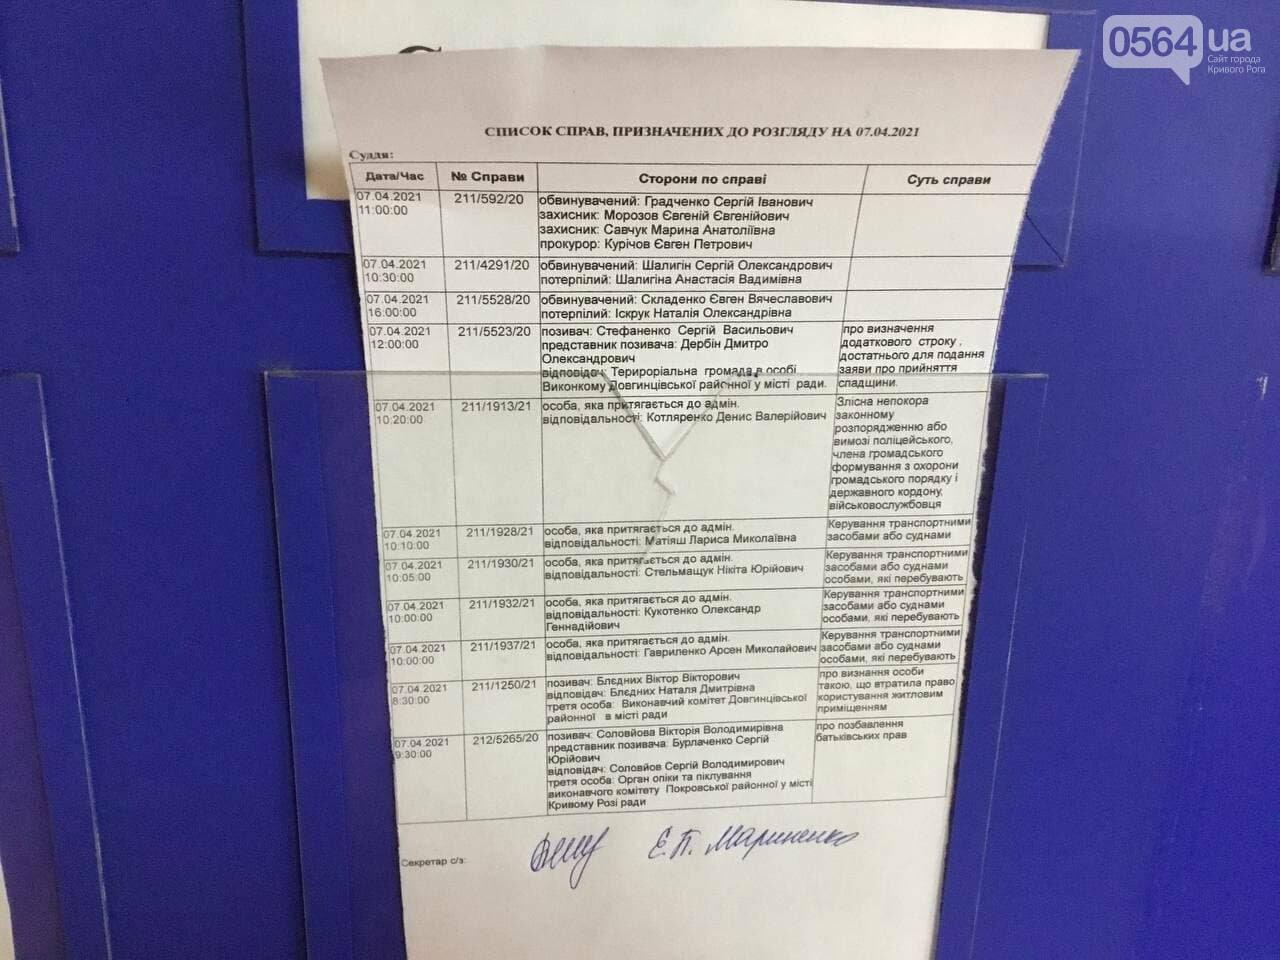 В суде по делу о конфликте между криворожским активистом и муниципальным гвардейцем допросили одного из свидетелей, - ФОТО, ВИДЕО, фото-14